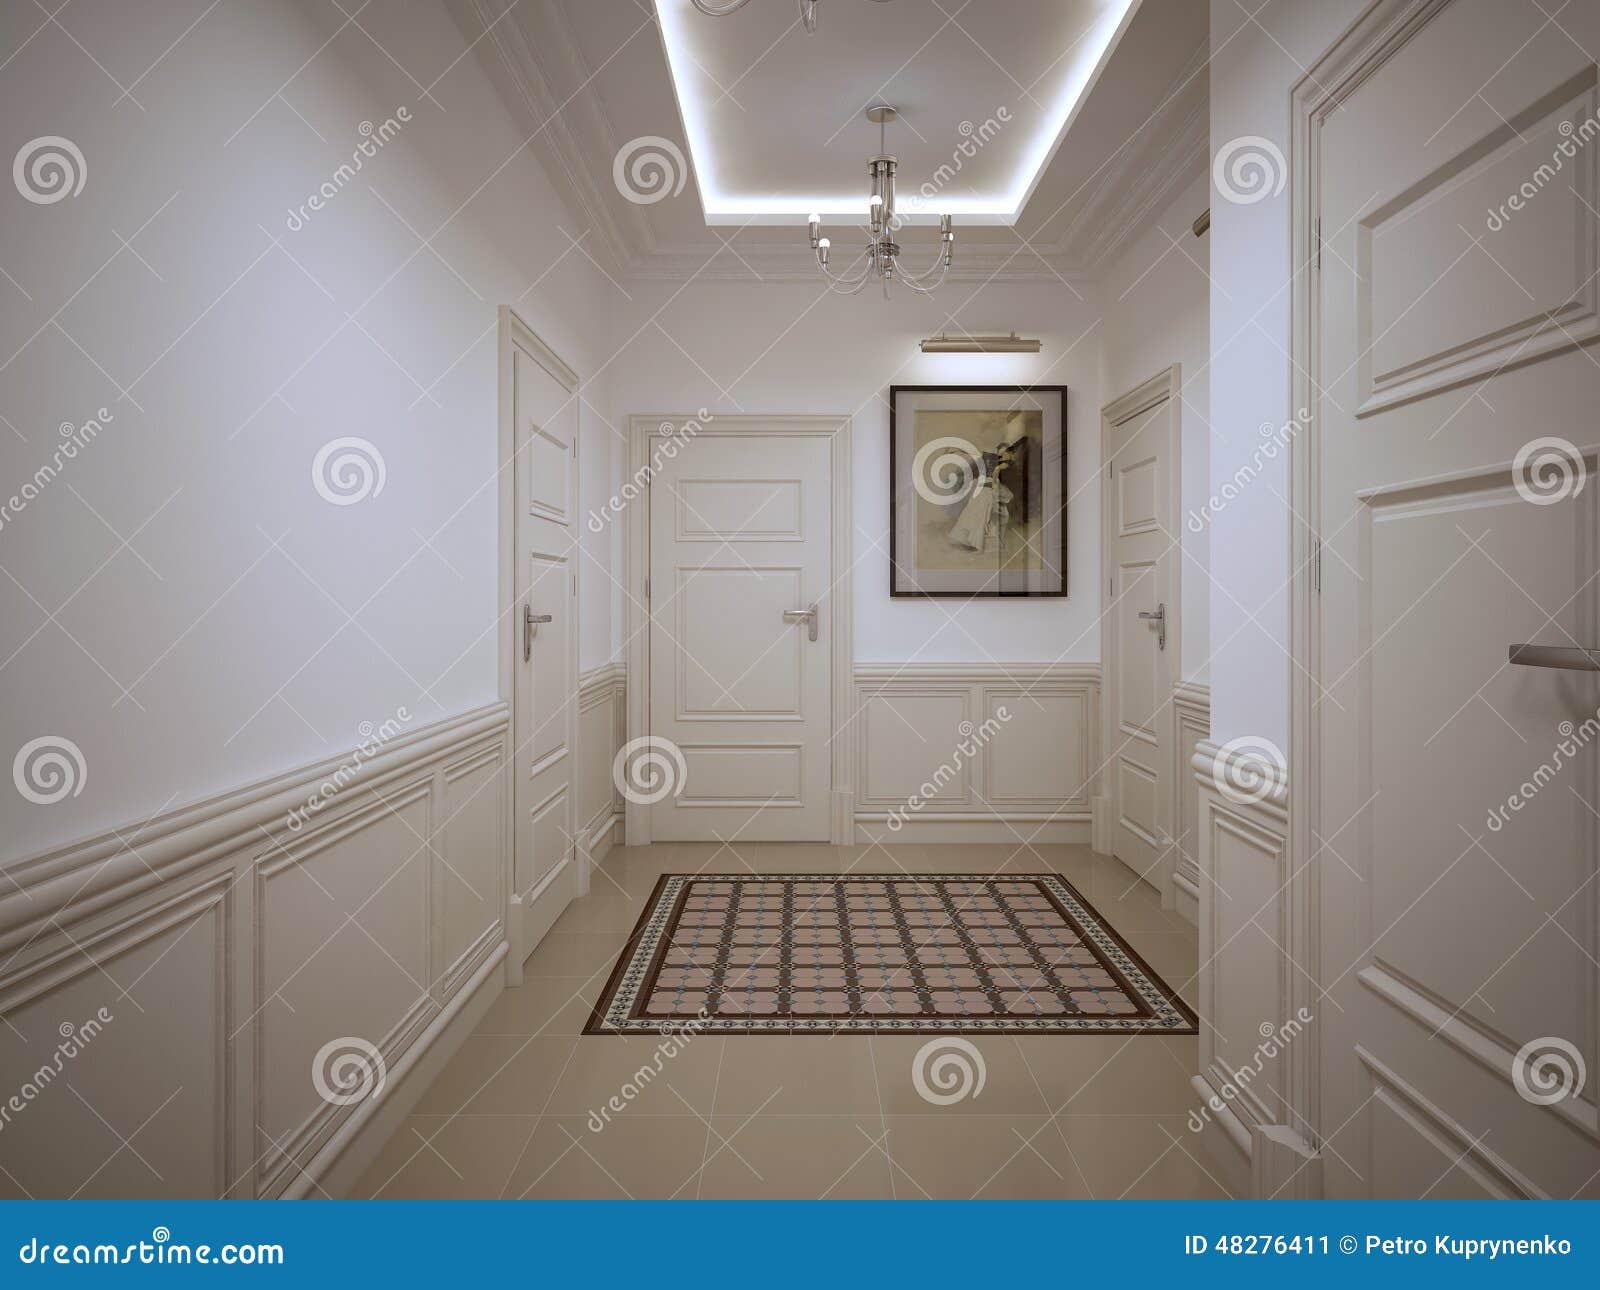 Stile Del Classico Del Corridoio Di Corridoio Illustrazione Di Stock